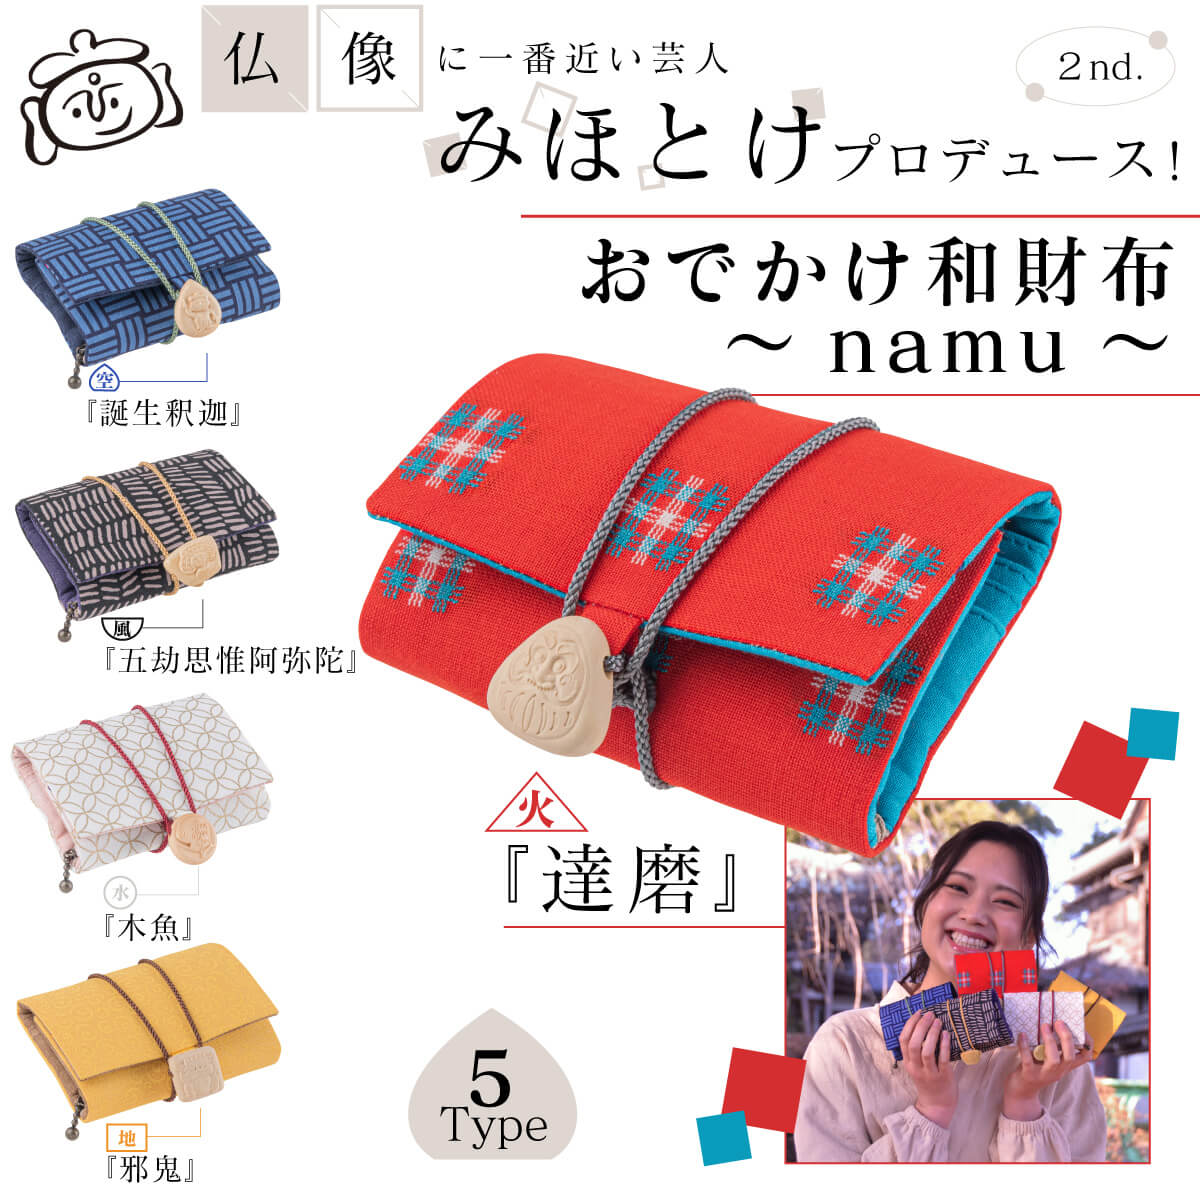 みほとけプロデュース おでかけ和財布〜namu〜『達磨』 ≫和合や親睦を表す財布 開運グッズ